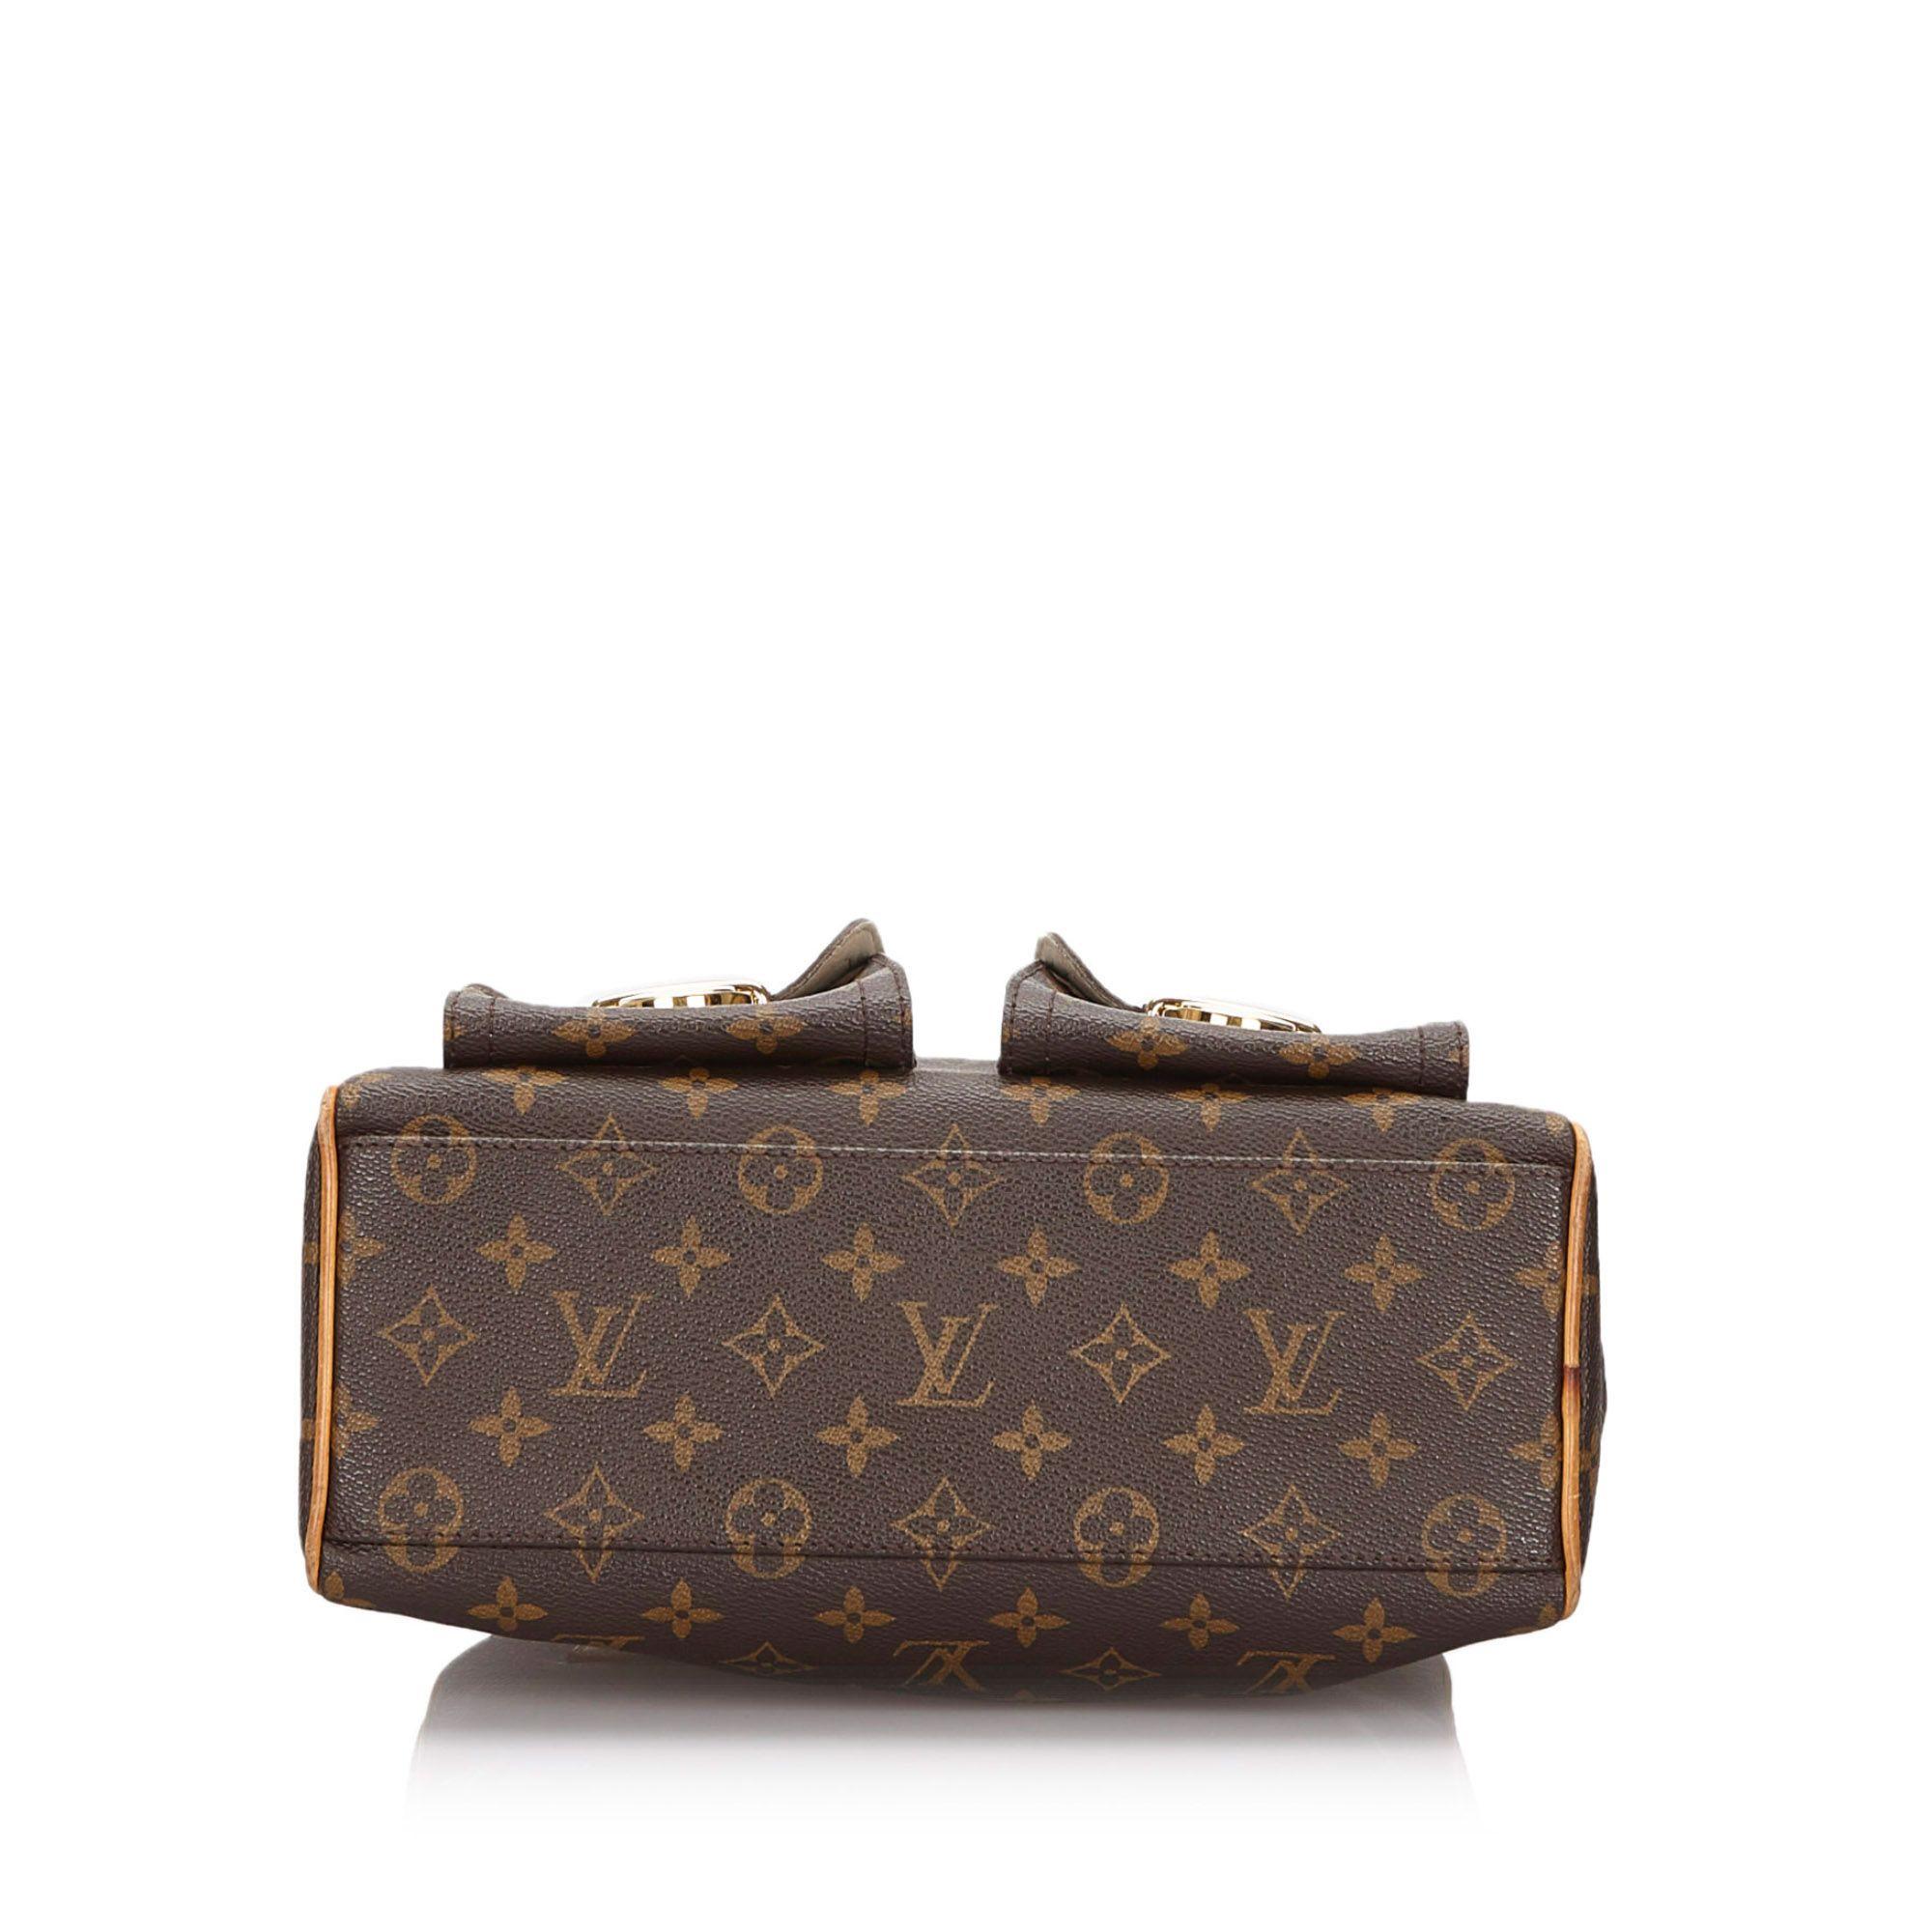 Vintage Louis Vuitton Monogram Manhattan PM Brown